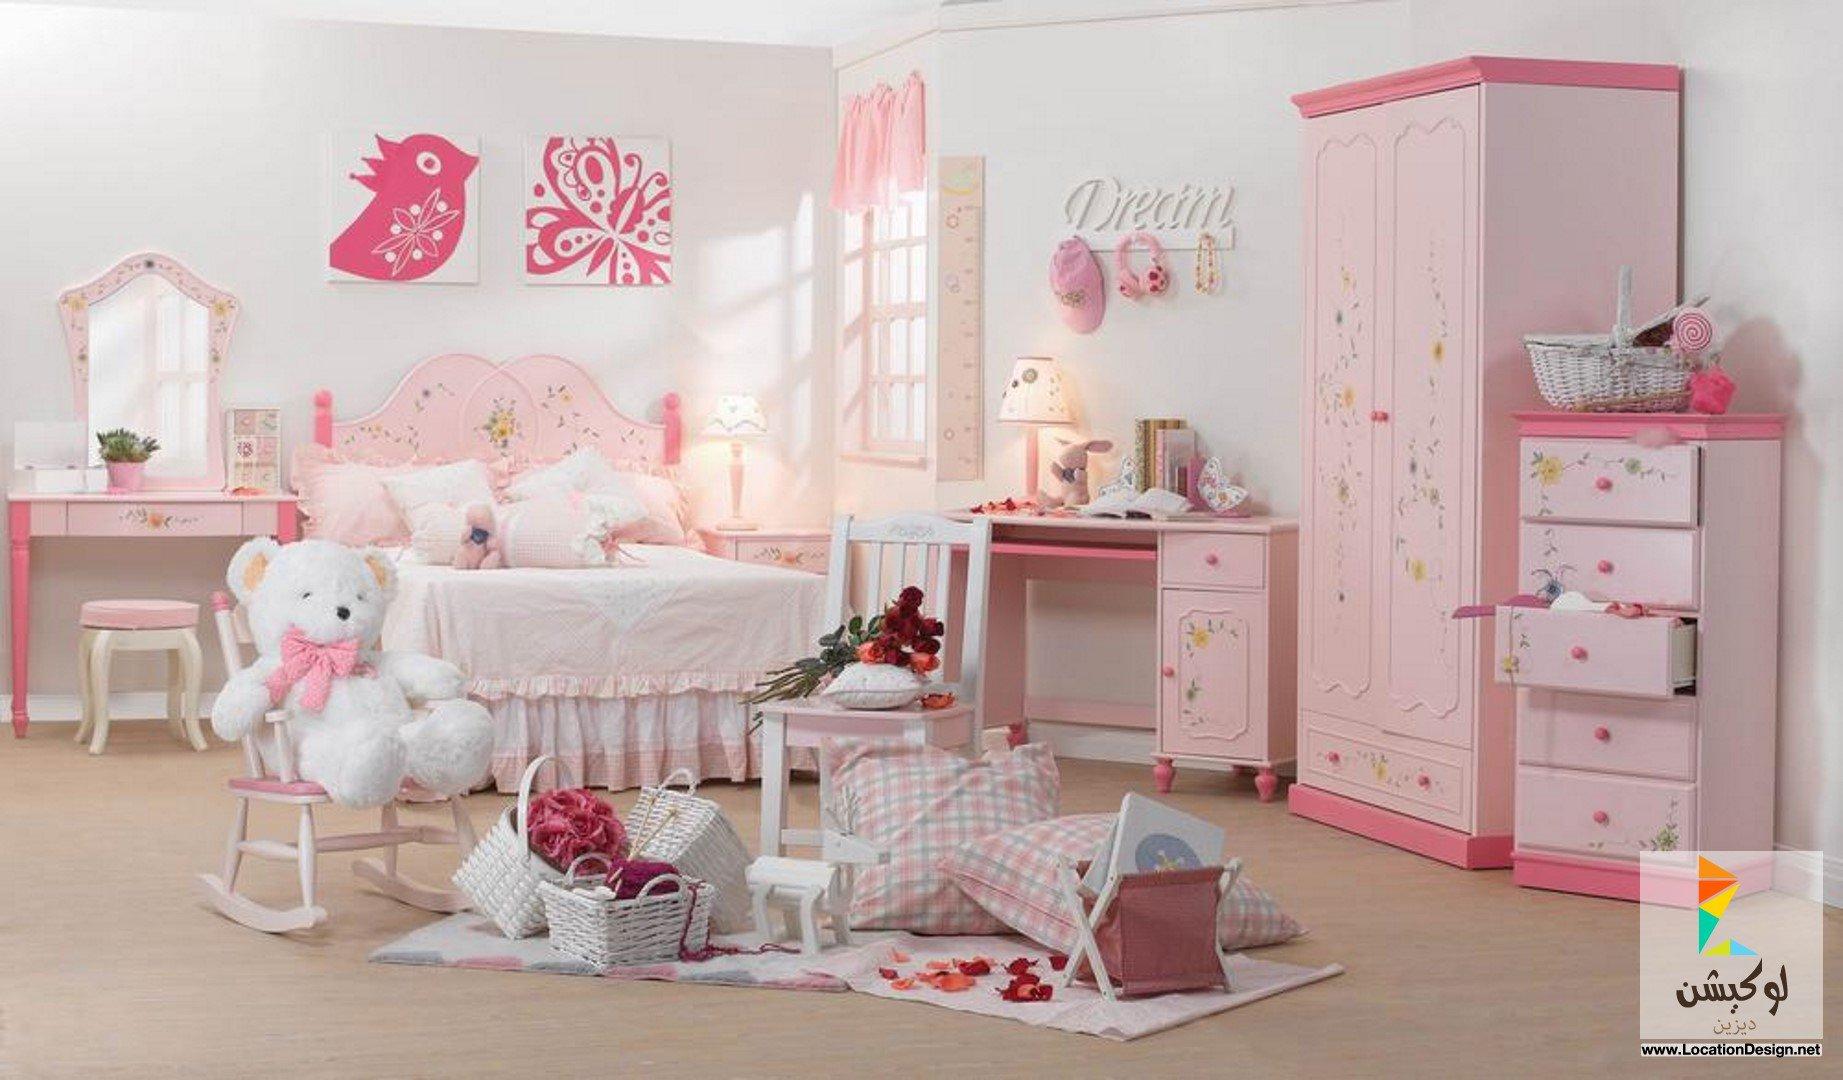 صوره دهانات غرف اطفال باللون البينك